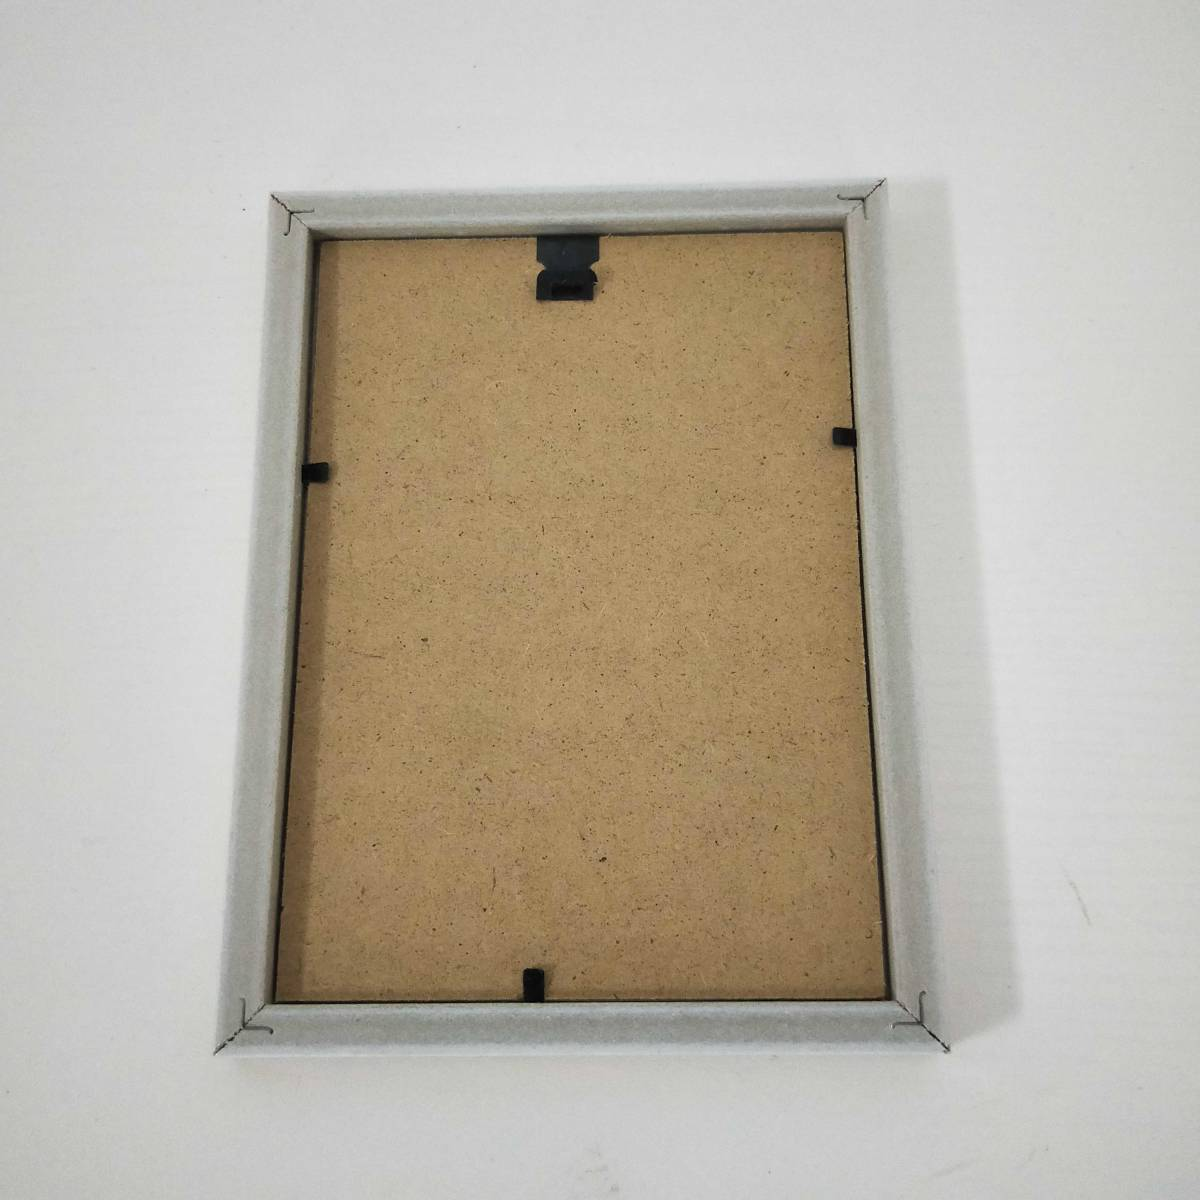 【いちご100%】 東城綾 河下水希 直筆サイン色紙 コレクション 額装付_画像5